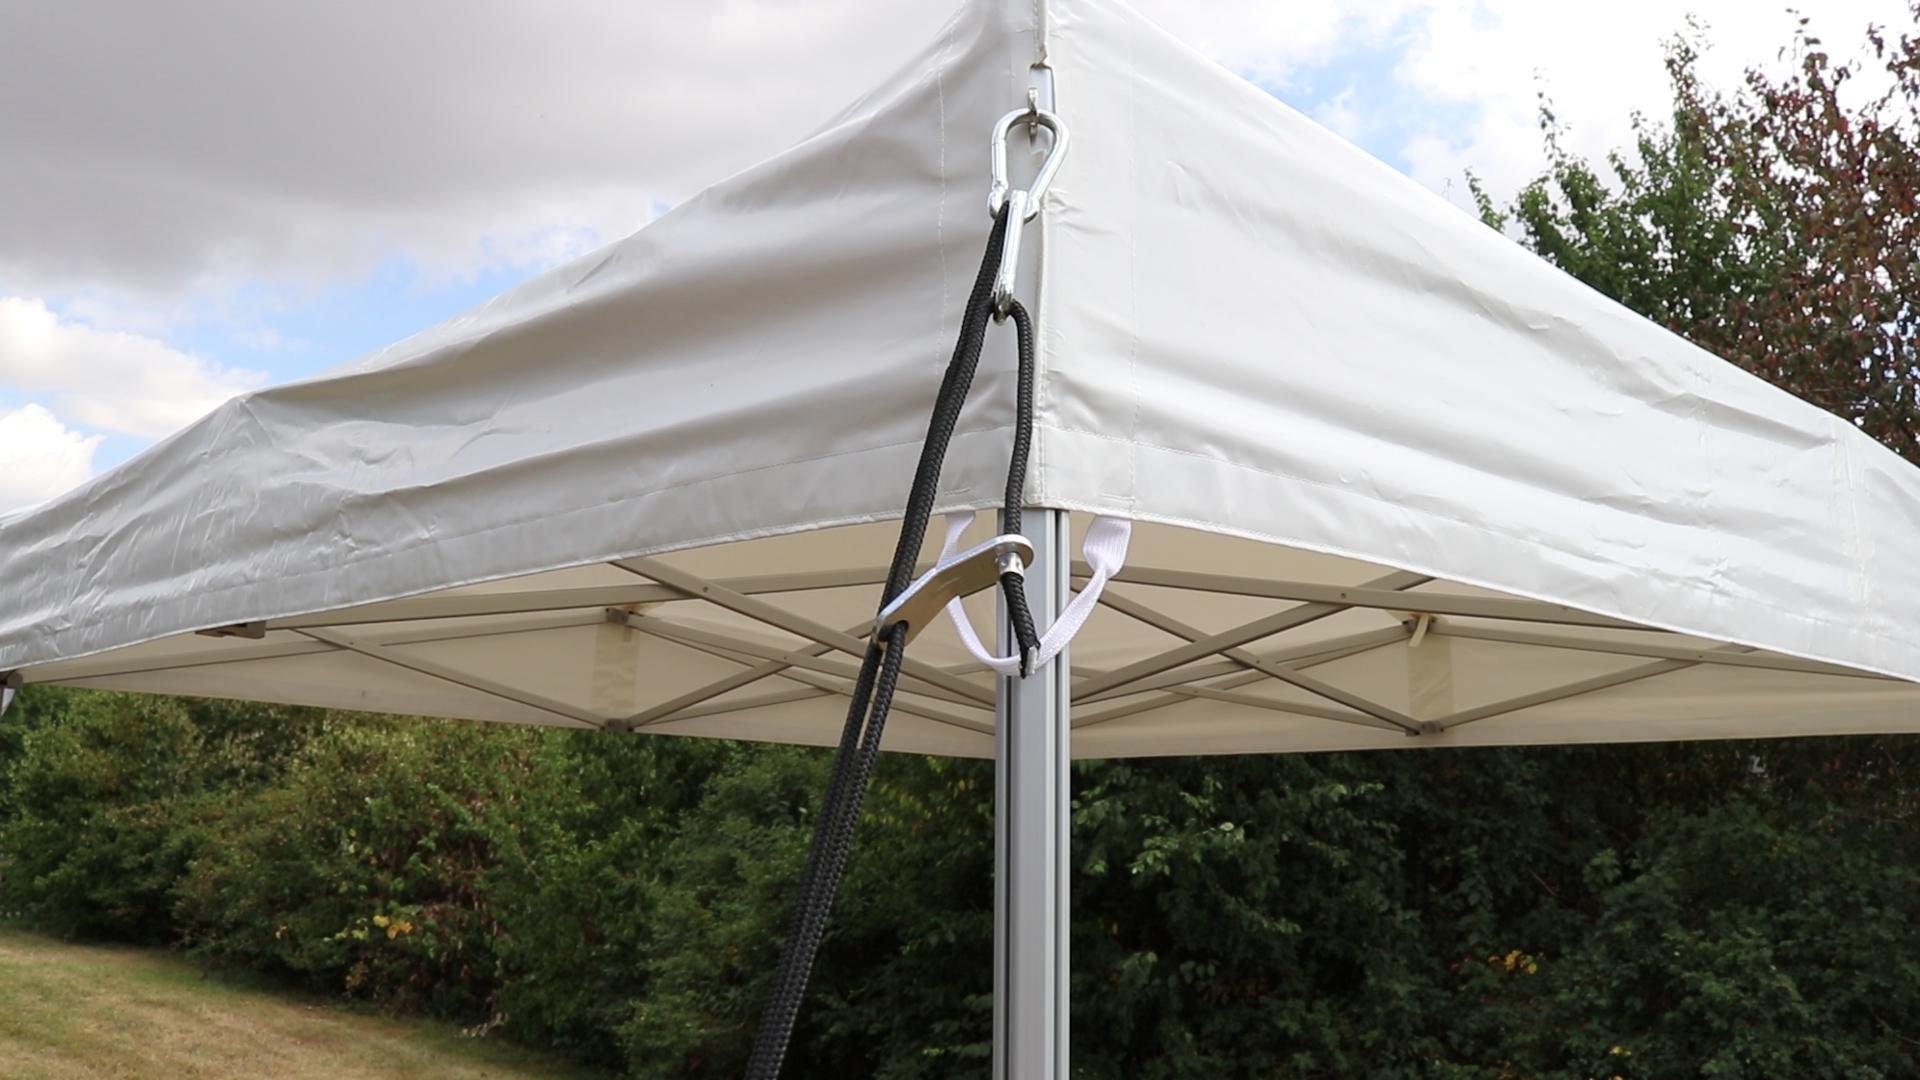 Zelt abspannen mit Wassersack